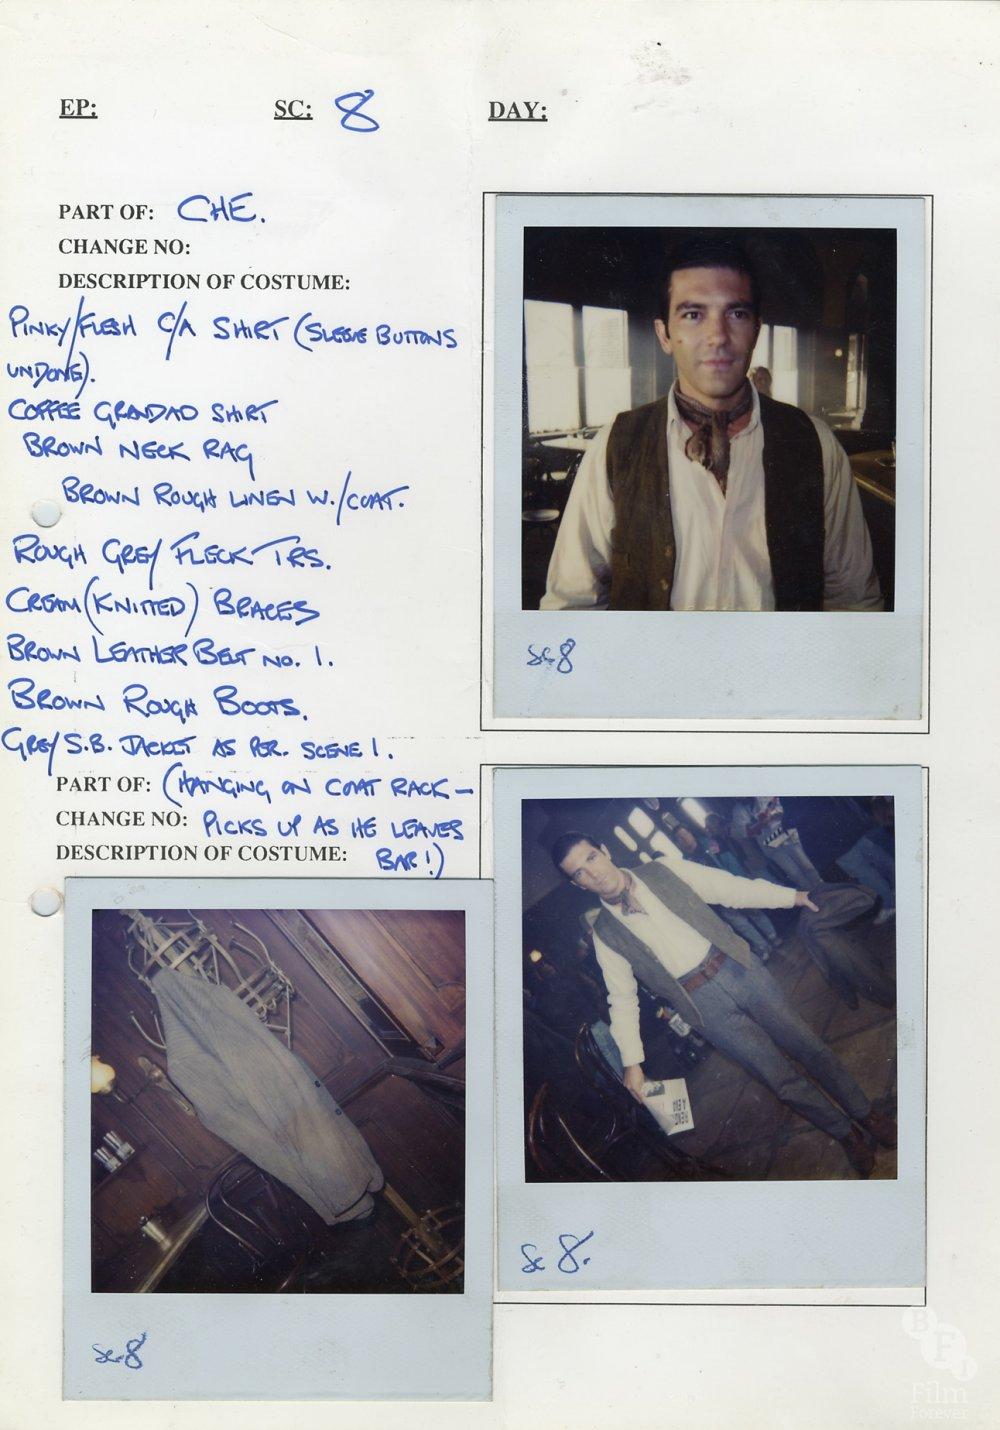 Evita (1996) costume continuity